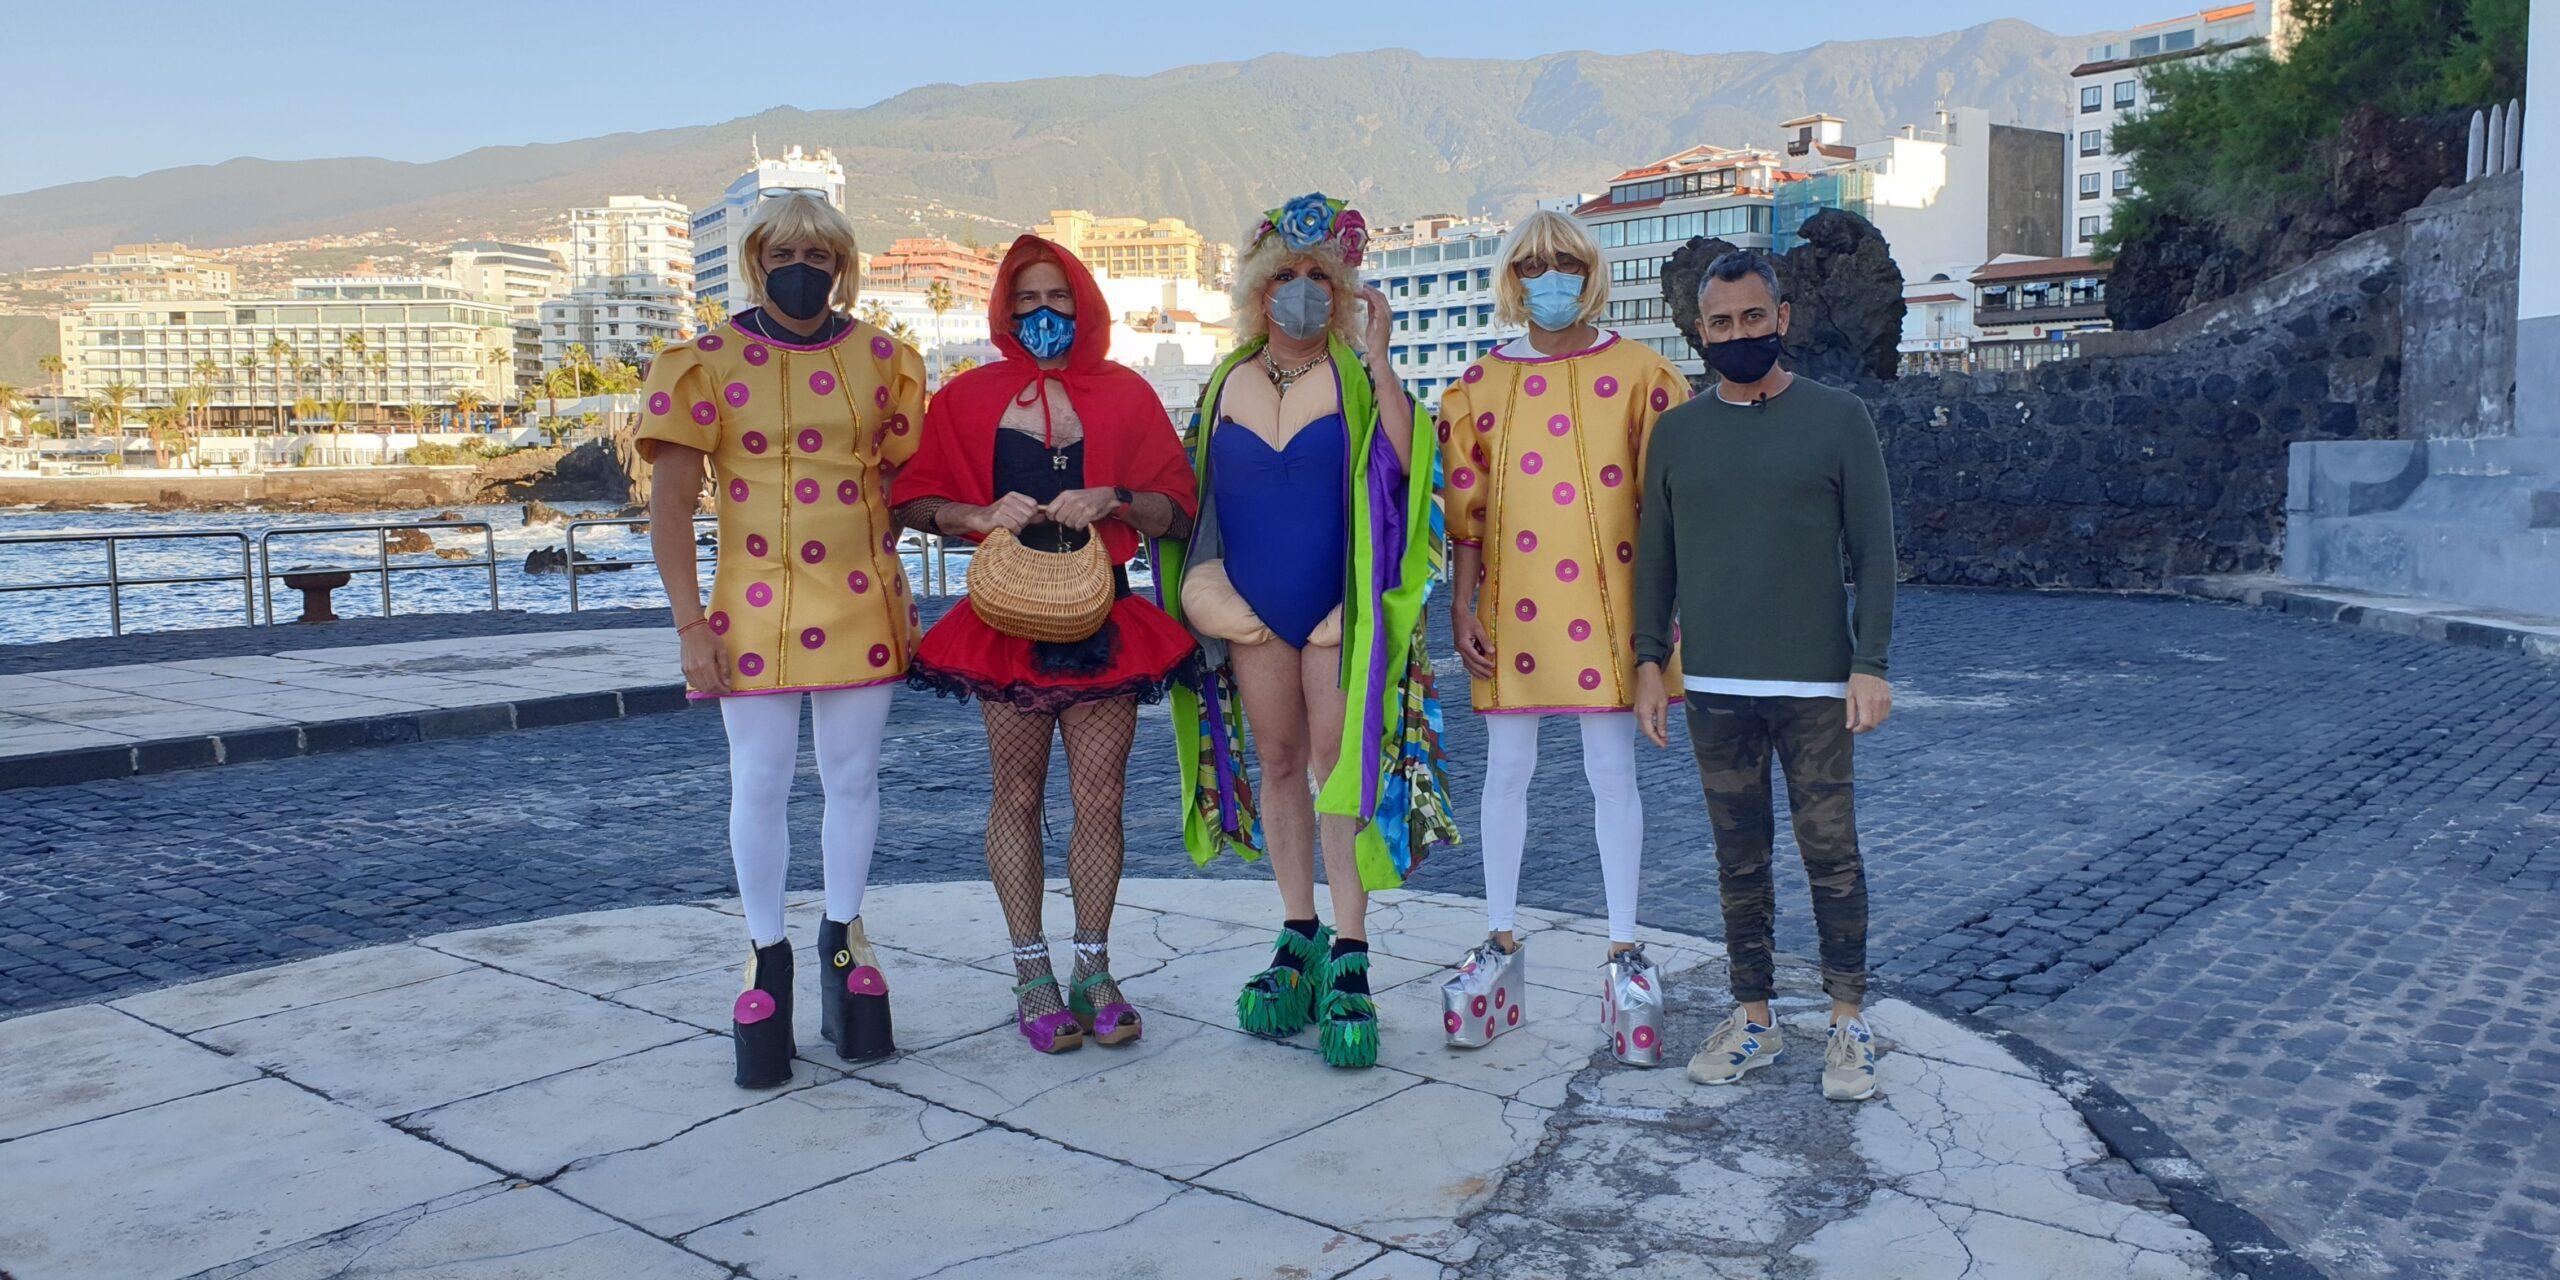 Participantes de la carrera carnavalera Mascarita Ponte Tacón de Moving the Planet